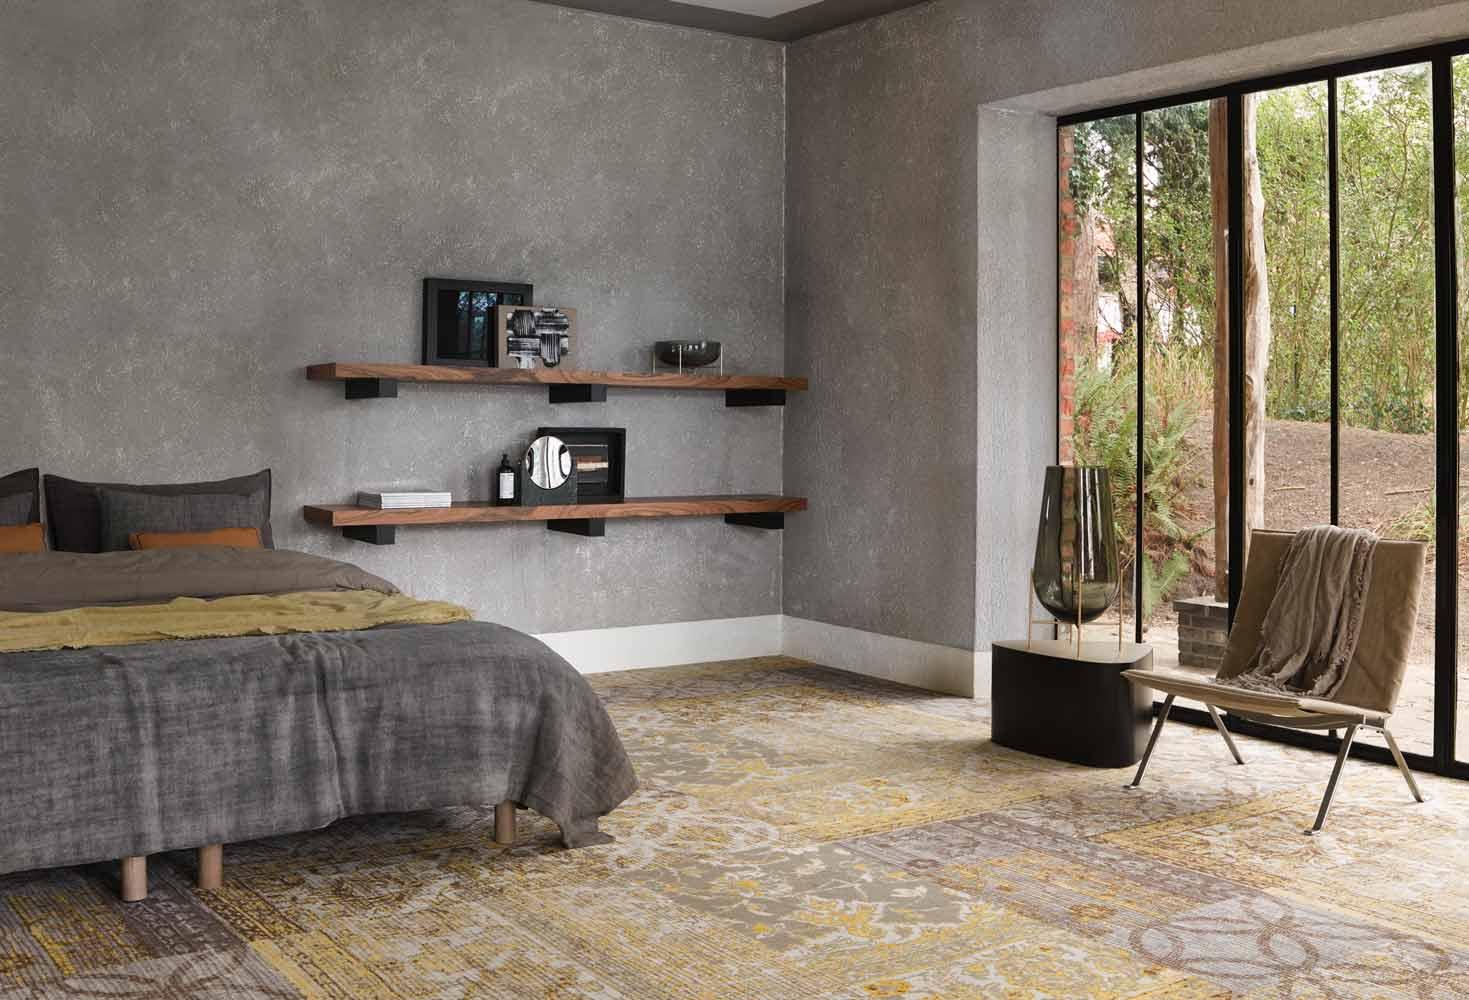 https://www.theja-wonen.nl/wp-content/gallery/tapijt/motief-tapijt-slaapkamer.jpg